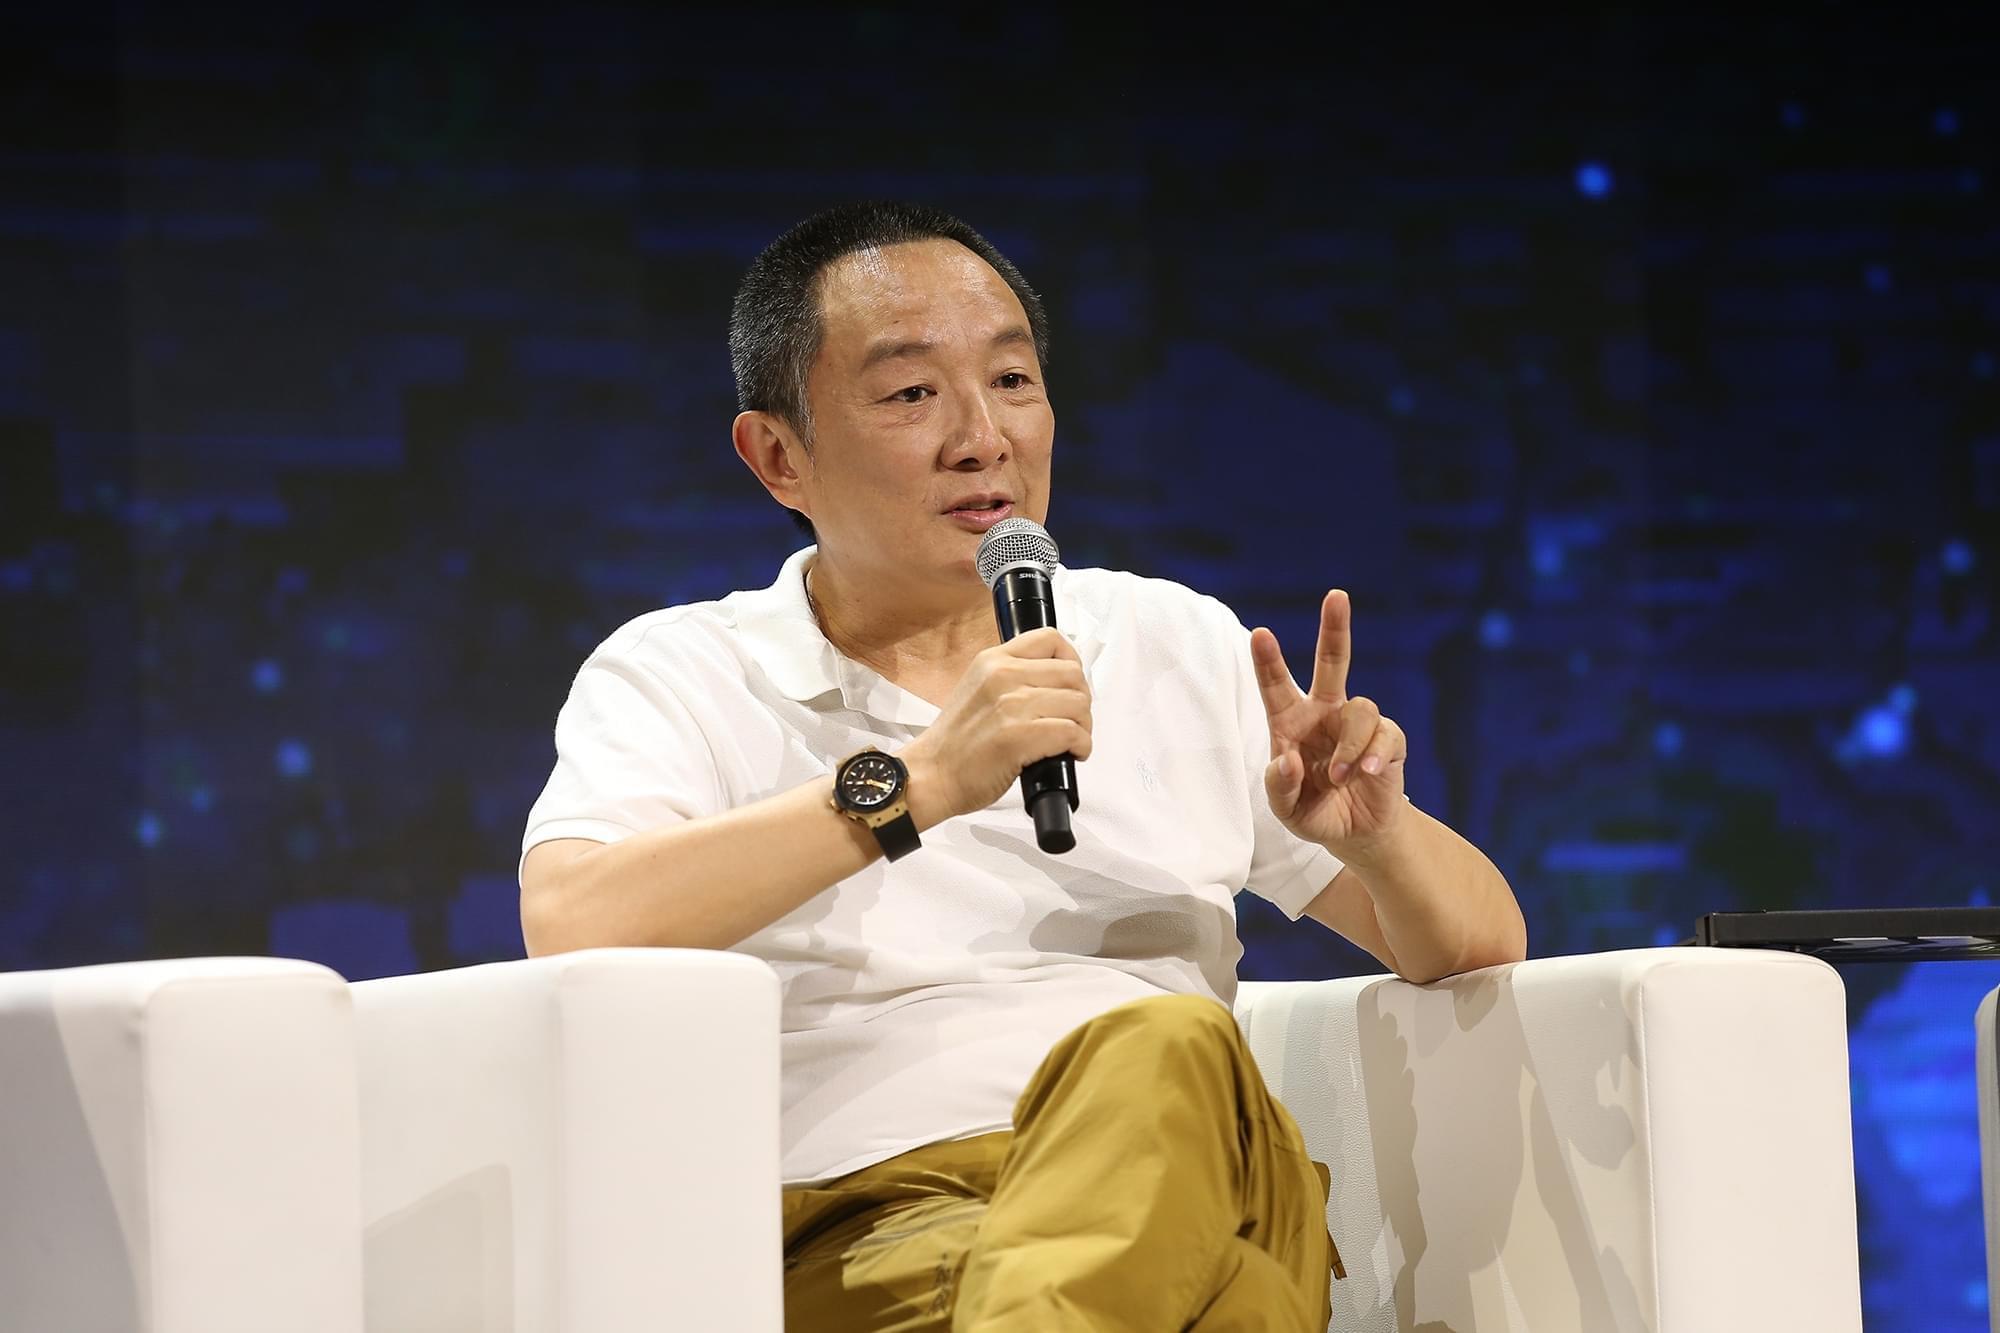 张嘉译揭演员片酬:并非传言那么高 会让步和牺牲